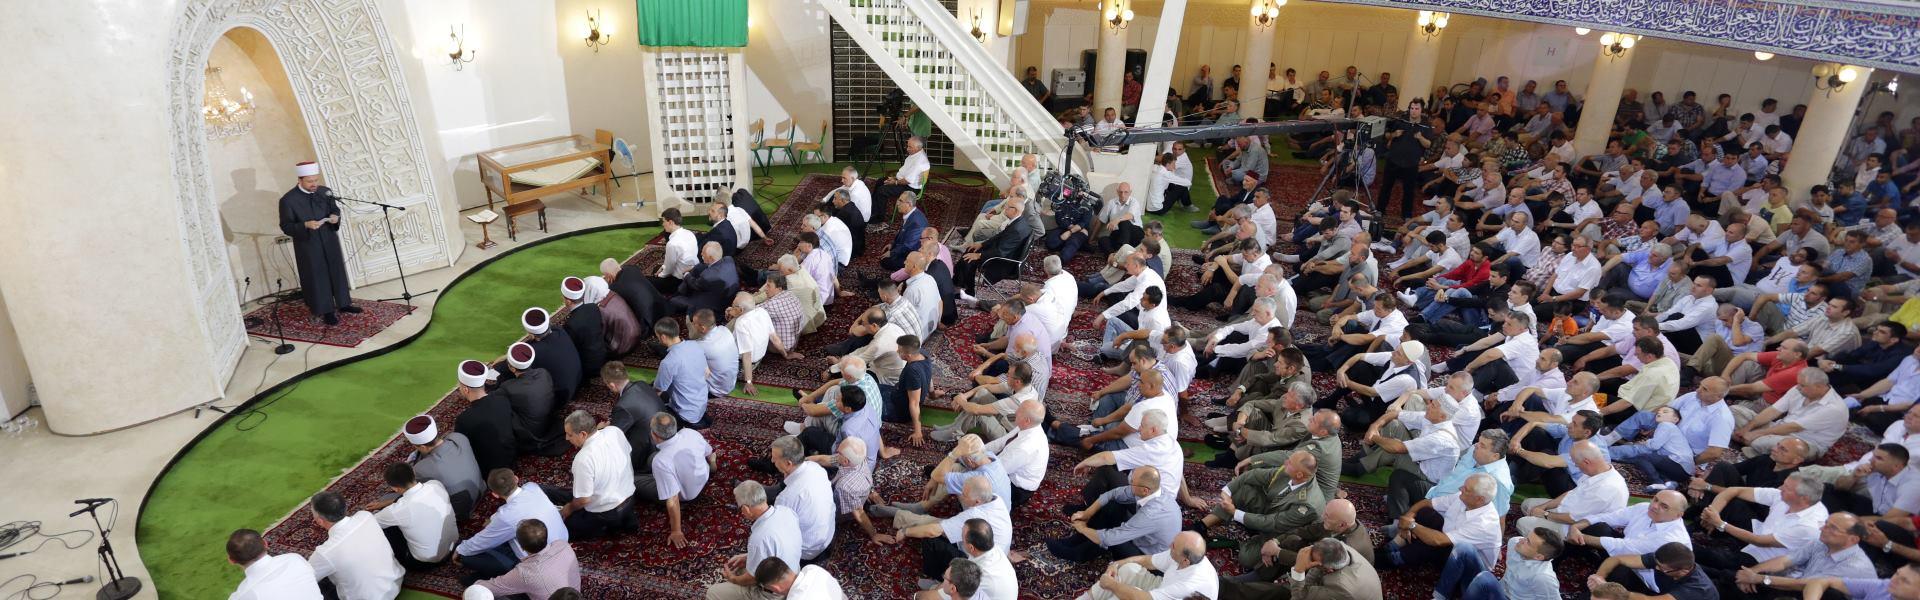 FOTO: Jutarnjom molitvom u džamiji počela proslava ramazanskog Bajrama